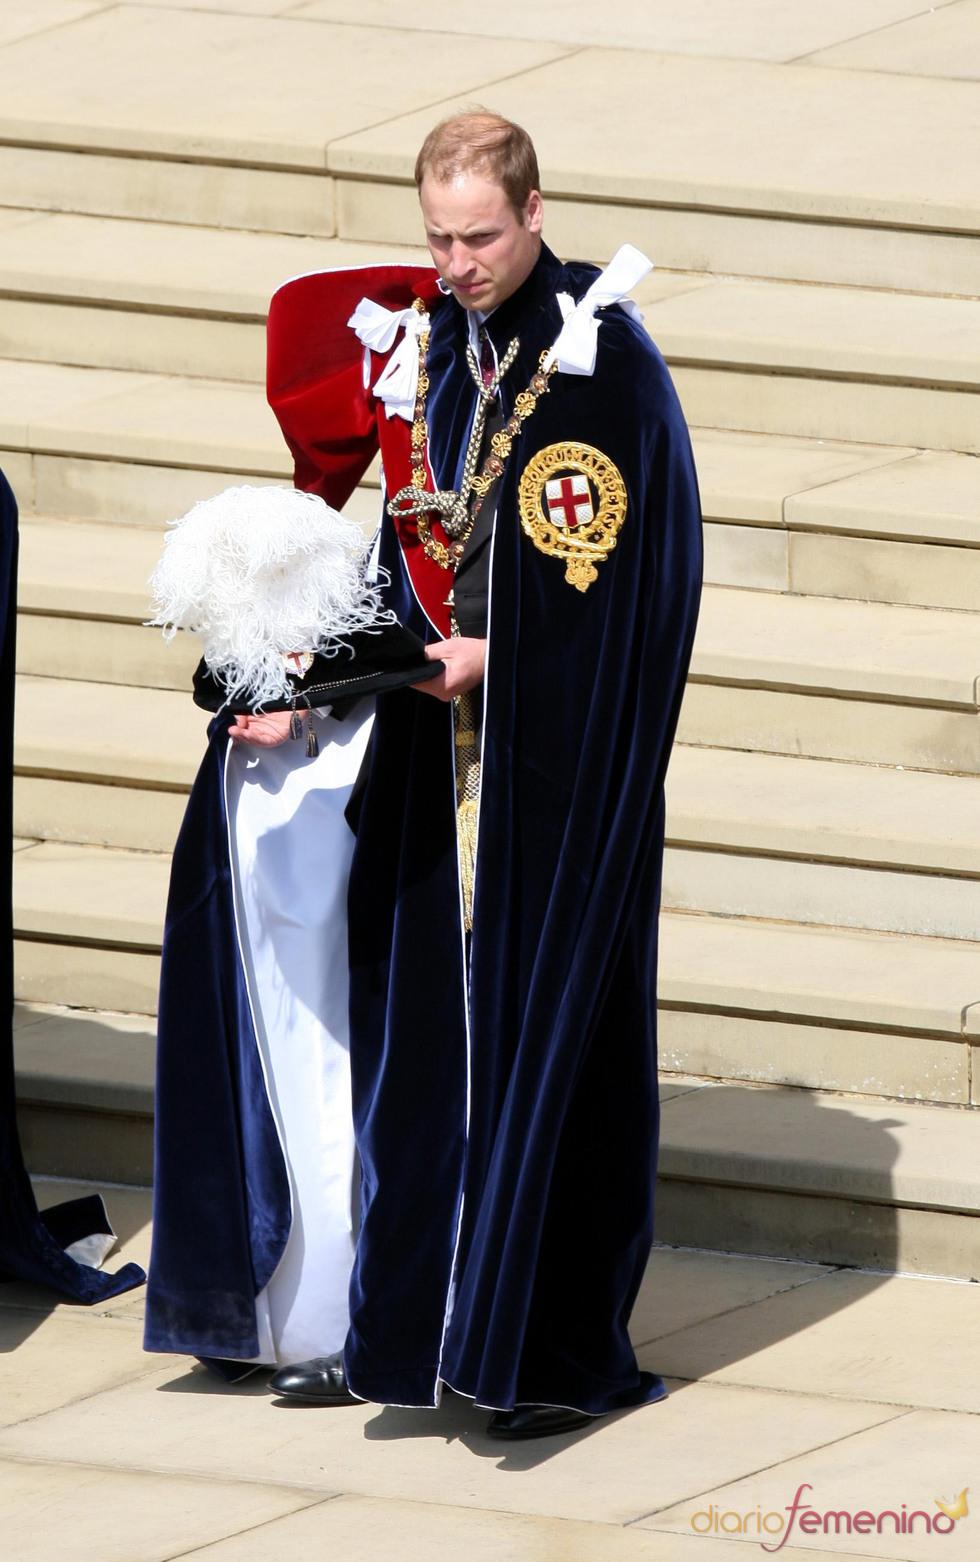 Guillermo de Inglaterra en la Procesión de la Orden de la Jarretera